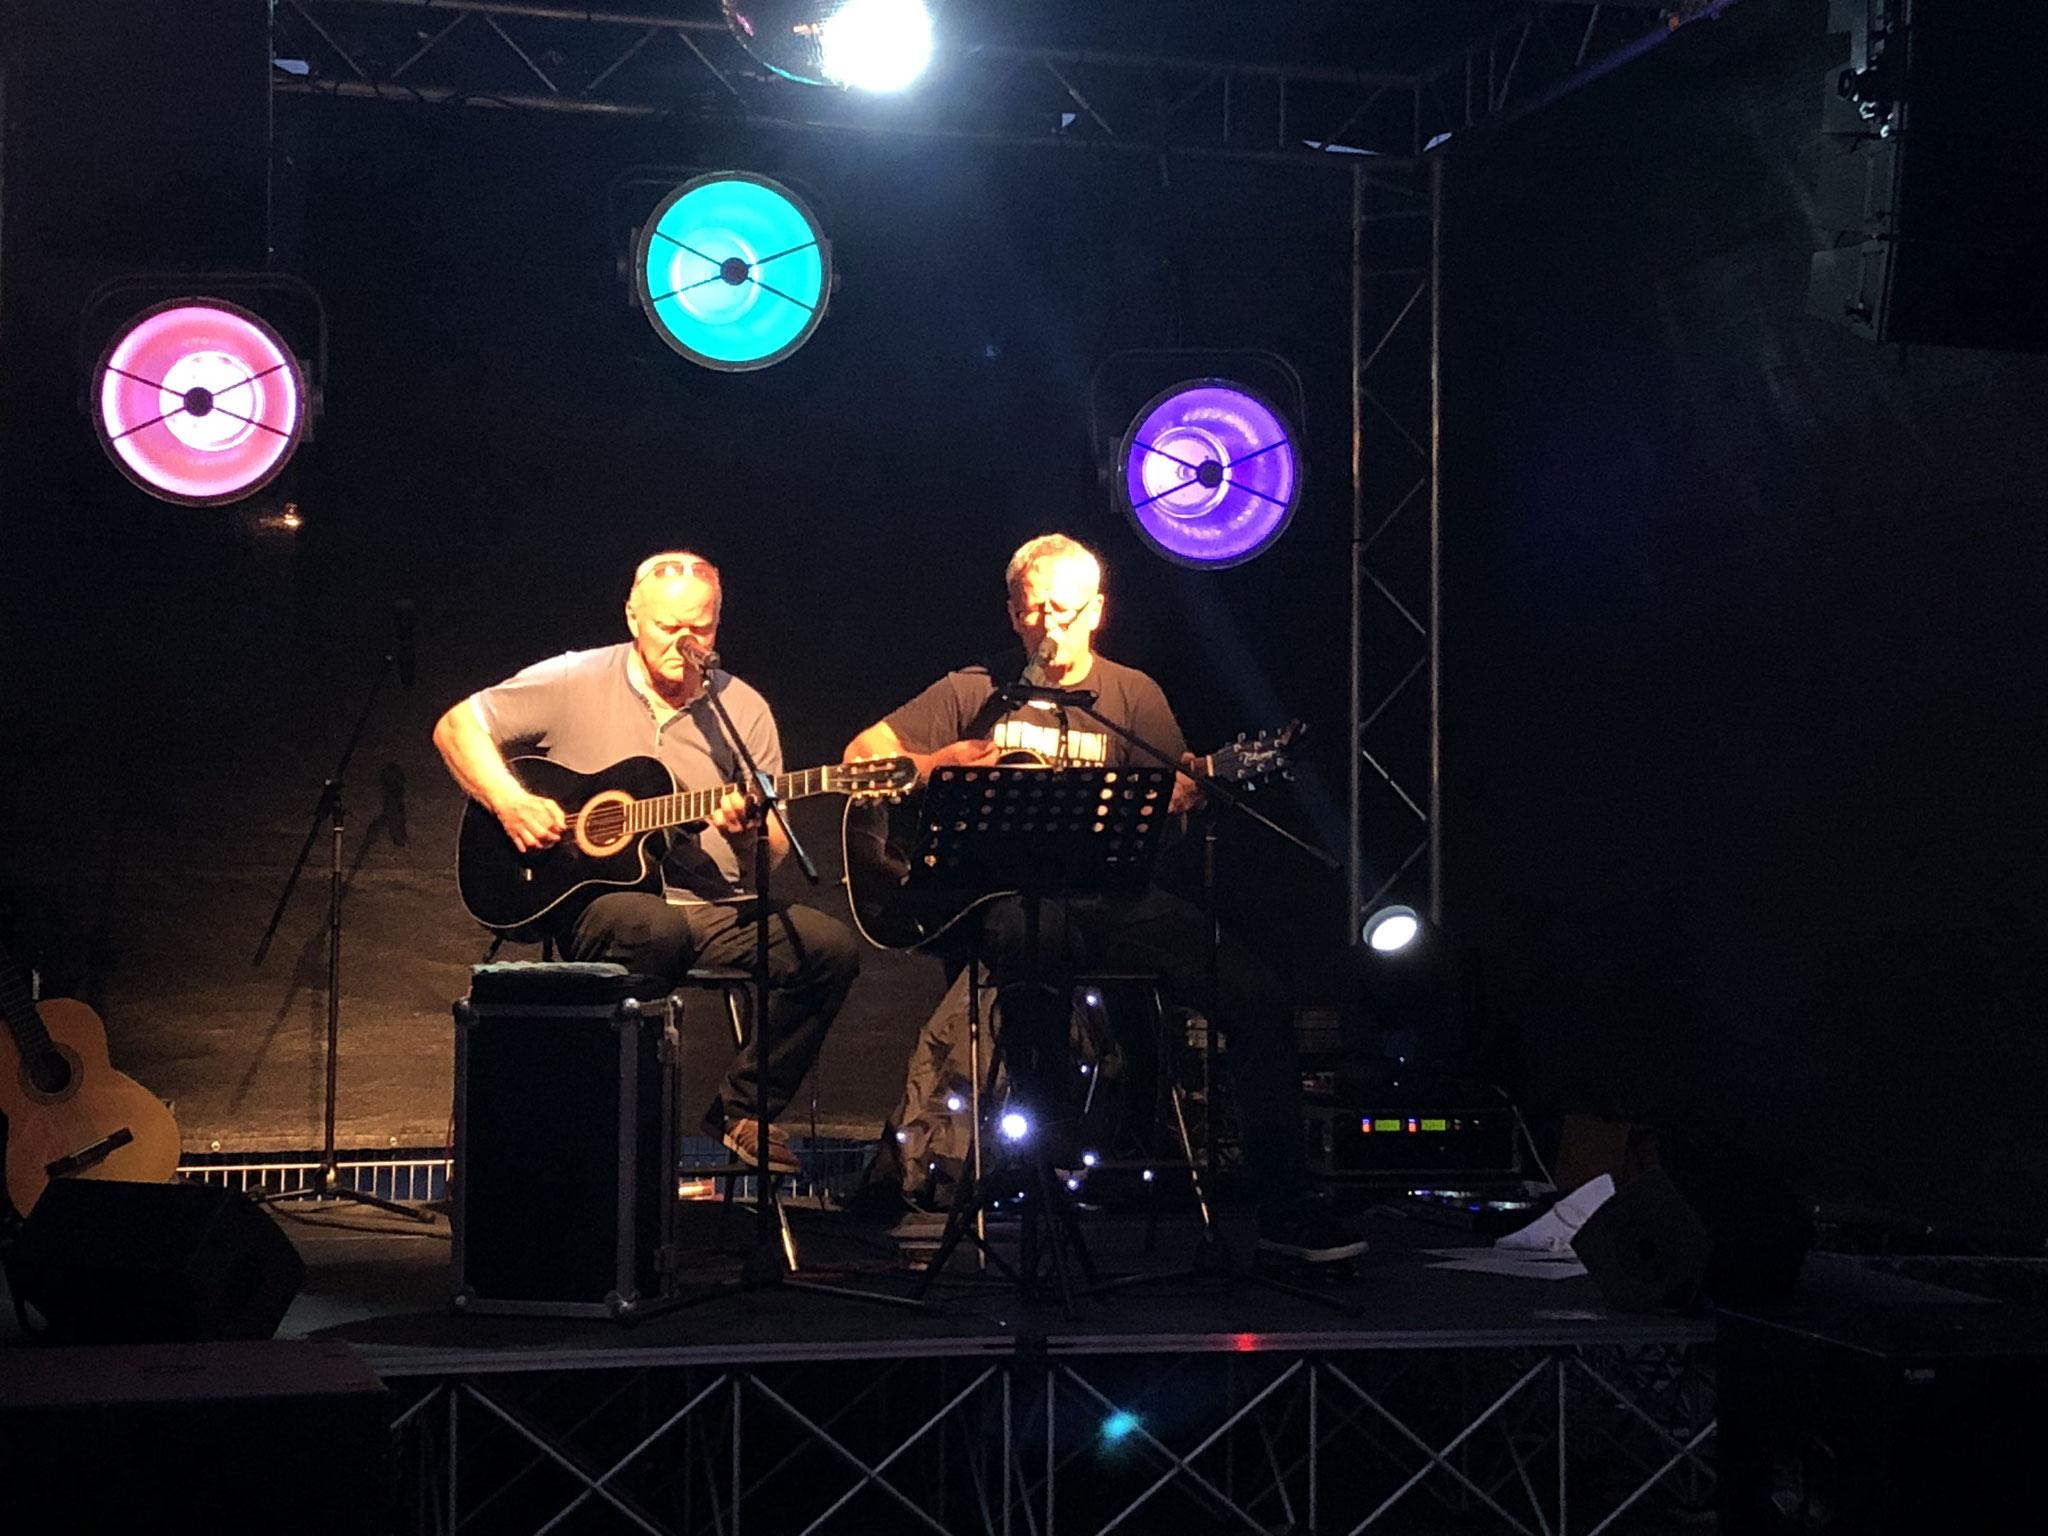 Live-Musik von Jochen & Gerd am Freitagabend und anschließender Disko mit Mario ließen den ersten Tag unseres Sommerstelldichein ausklingen.